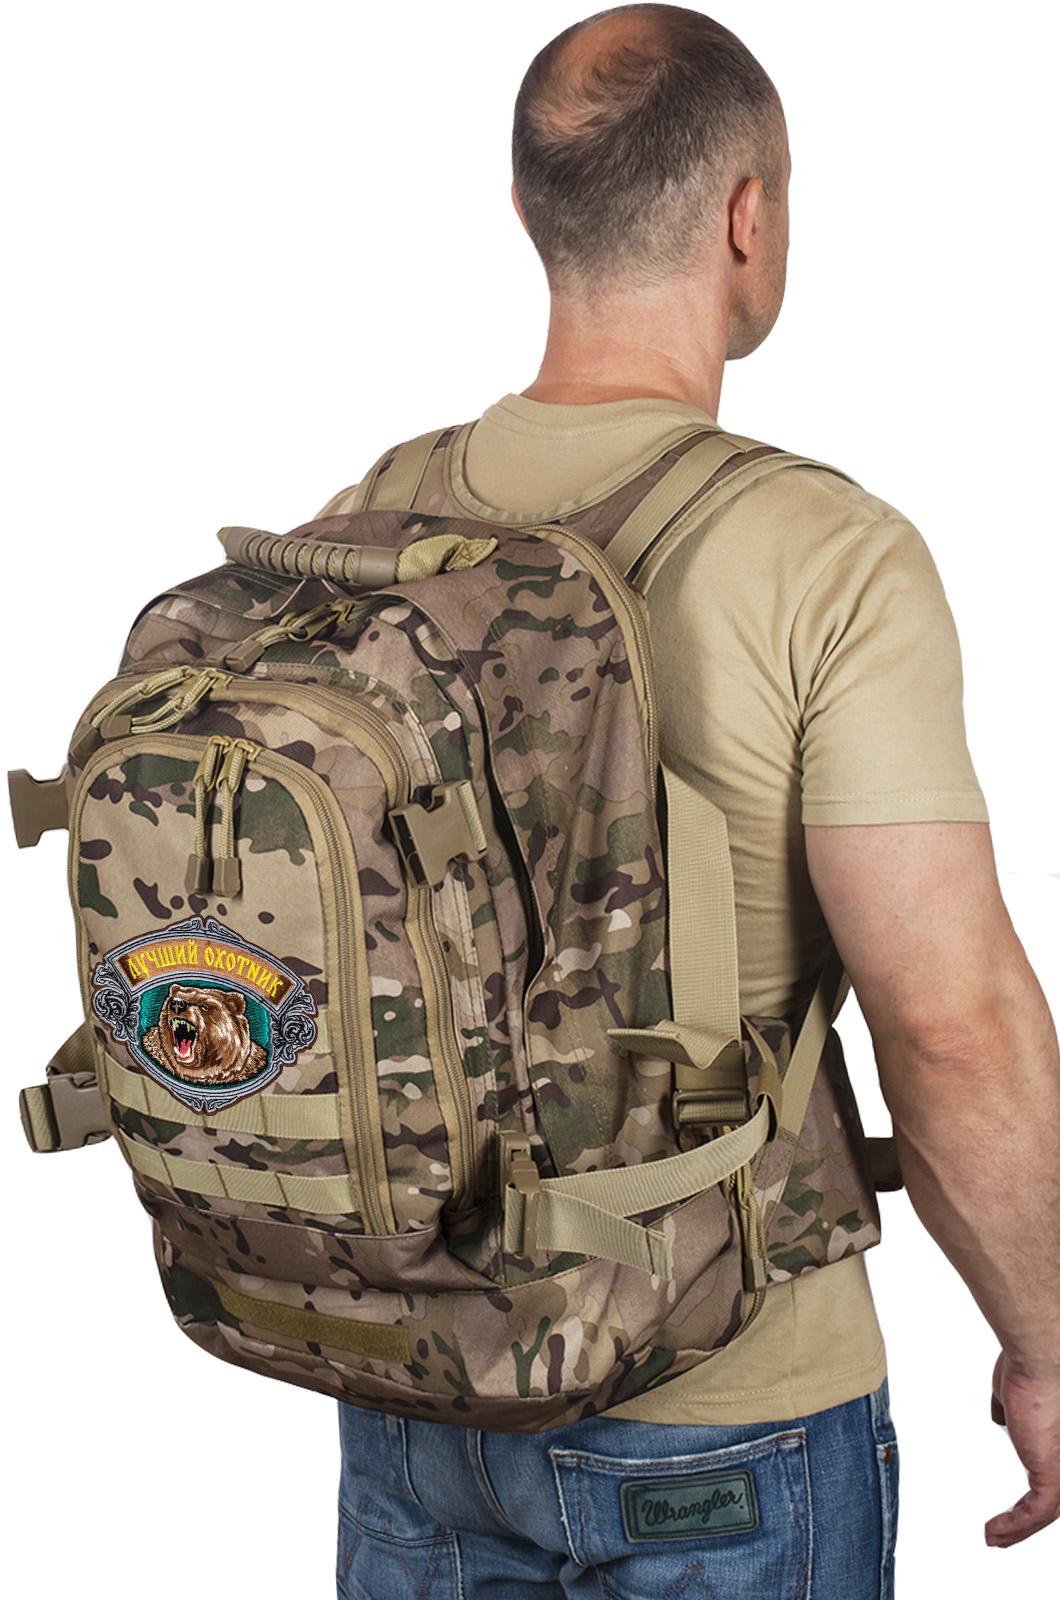 Крутой камуфляжный рюкзак с нашивкой Лучший Охотник - купить с доставкой